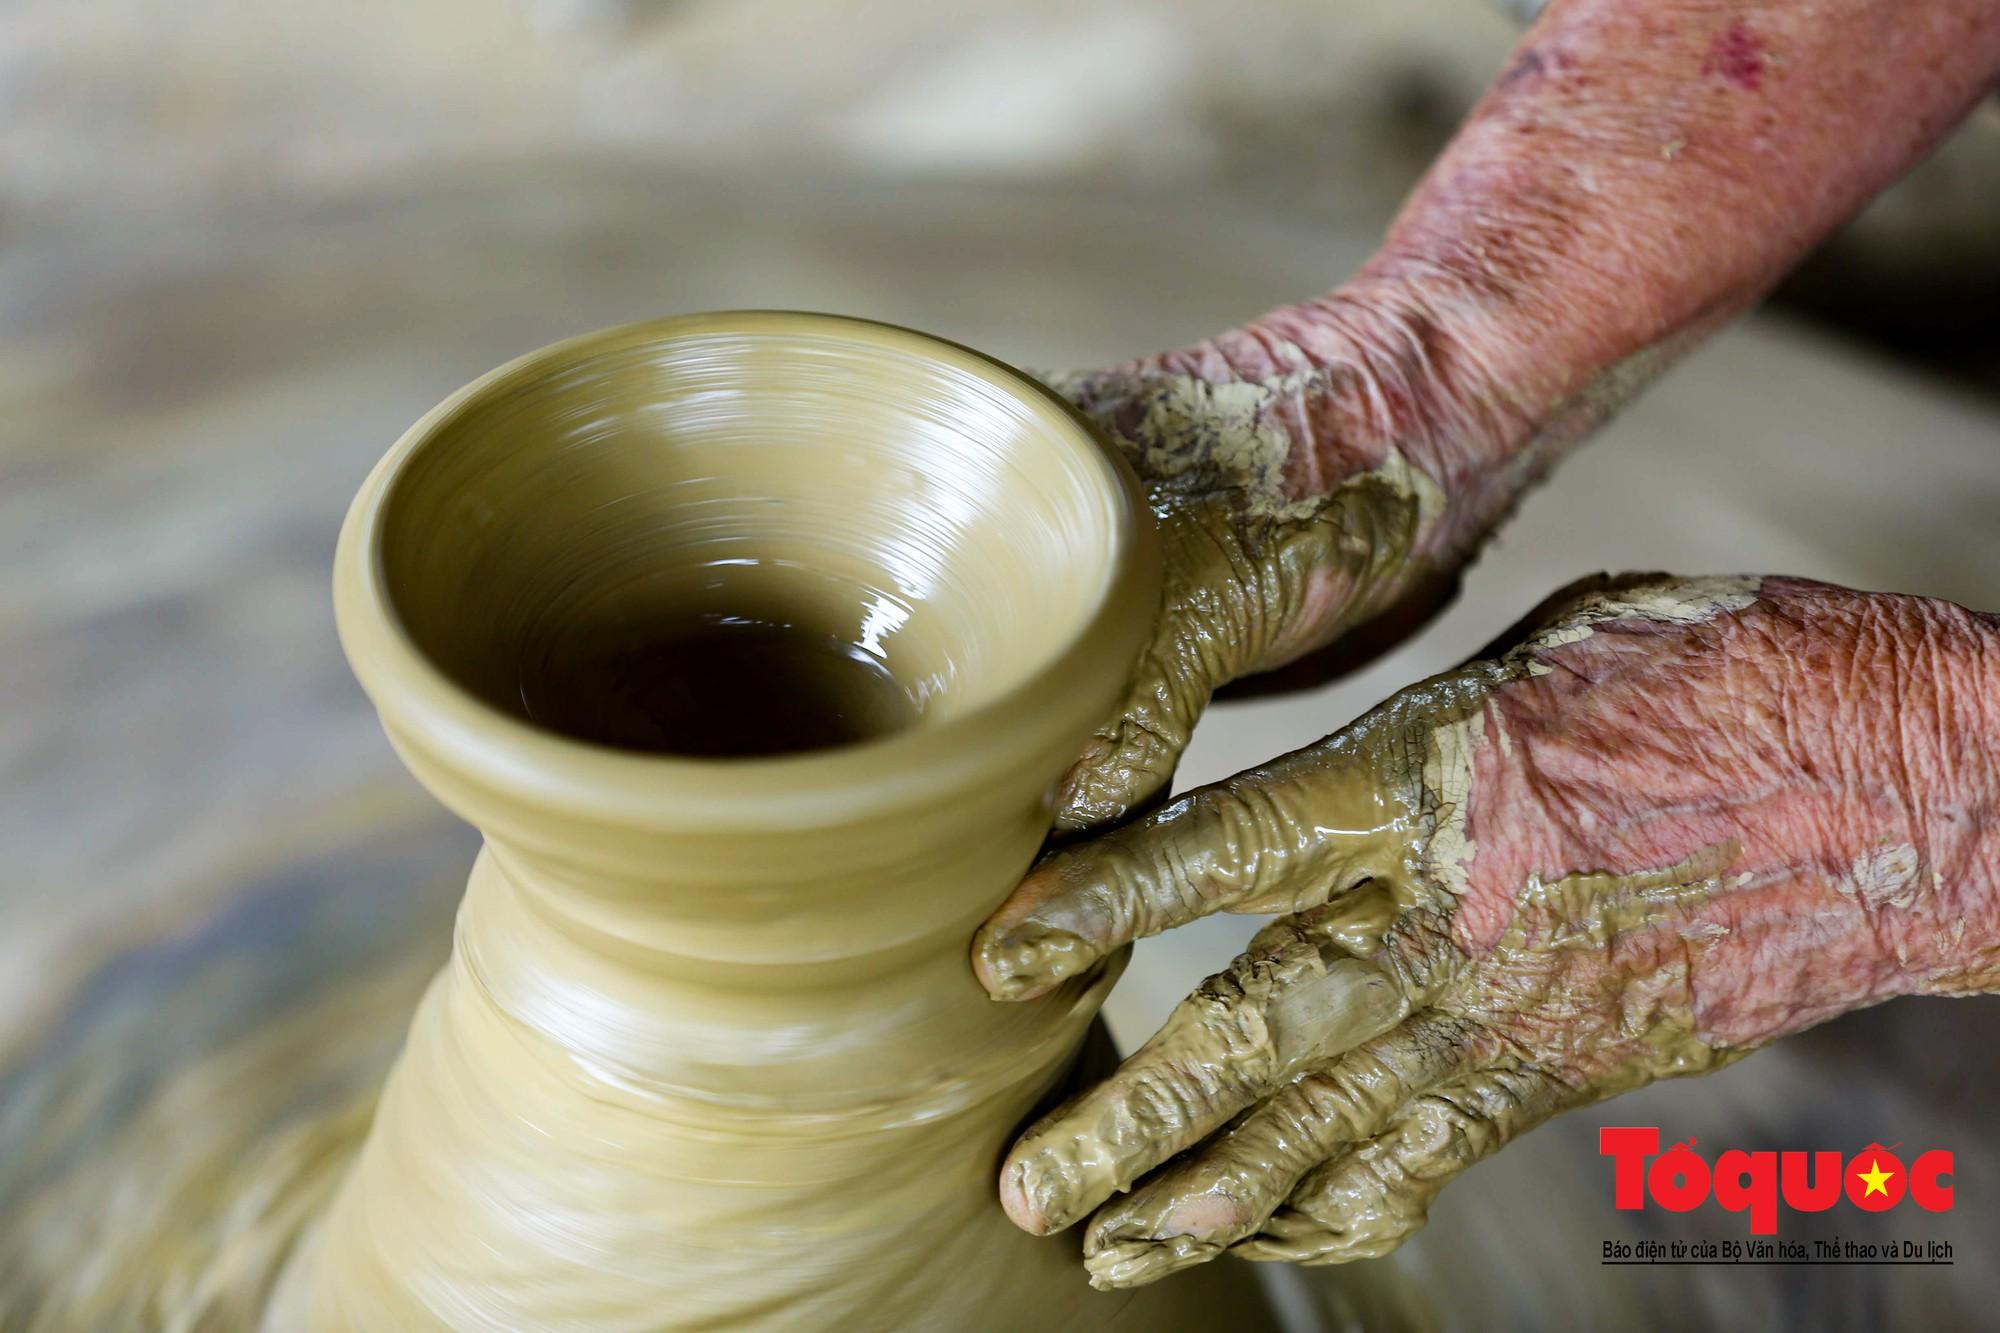 Vẻ đẹp trầm mặc của làng gốm gần nghìn năm tuổi bên dòng sông Thu Bồn9